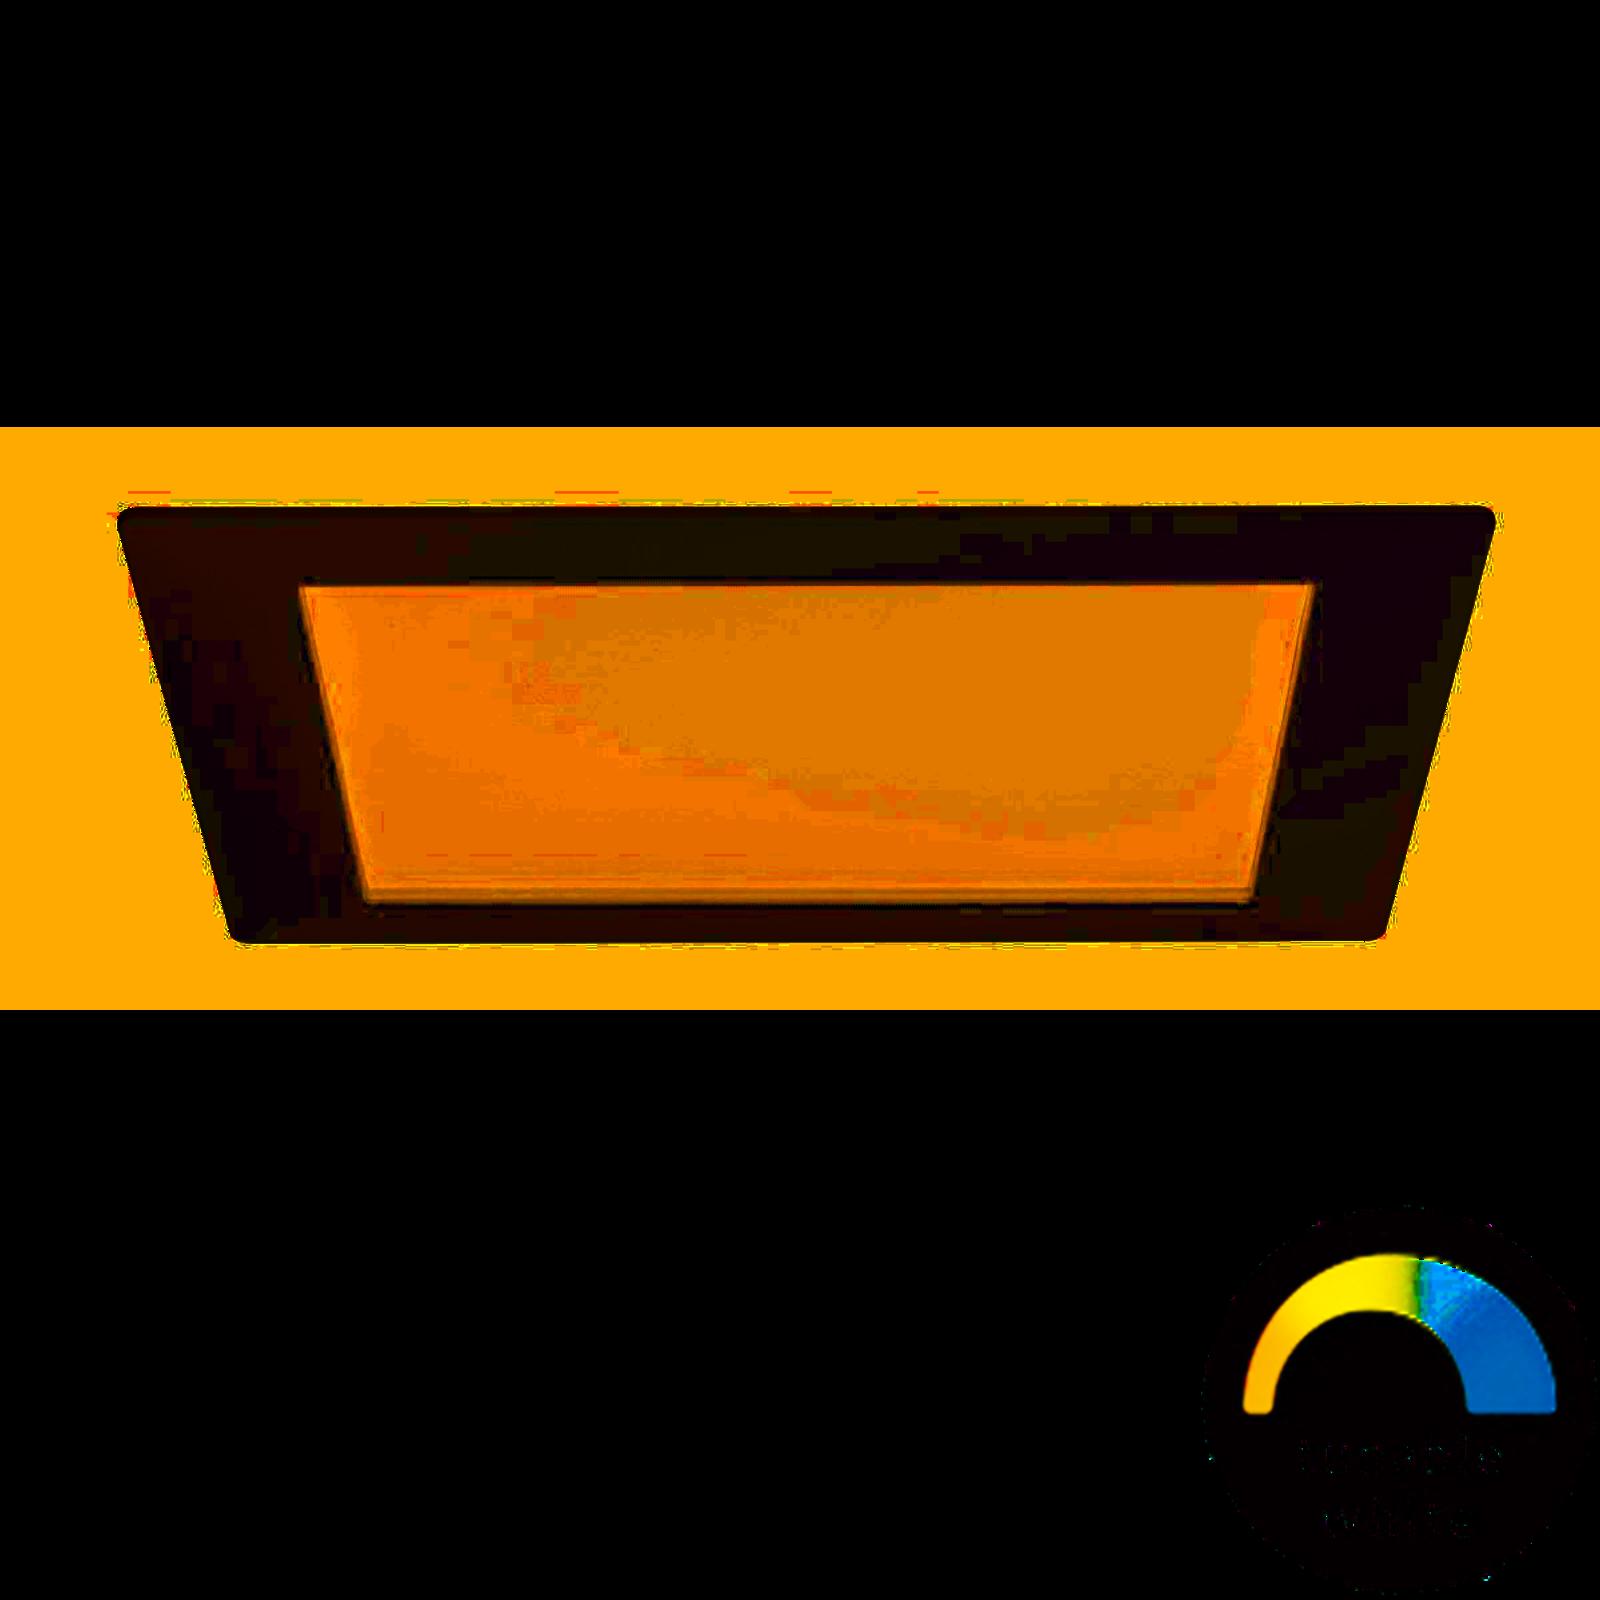 Paulmann LED Einbaupanel eckig 13,5W Weiß mit tunable White Weißlichtsteuerung